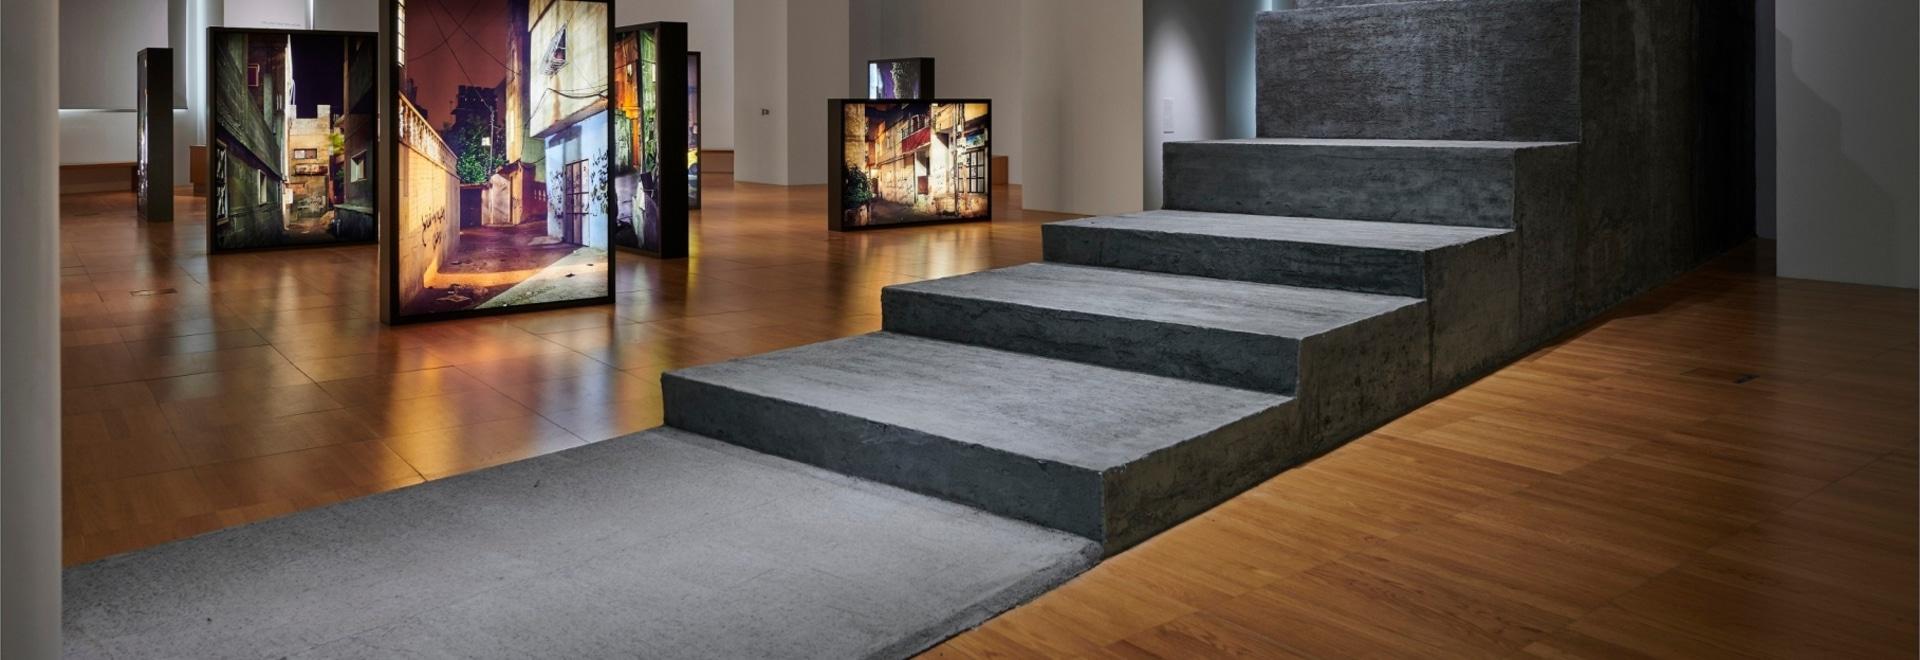 pavimenti sopraelevati parquet